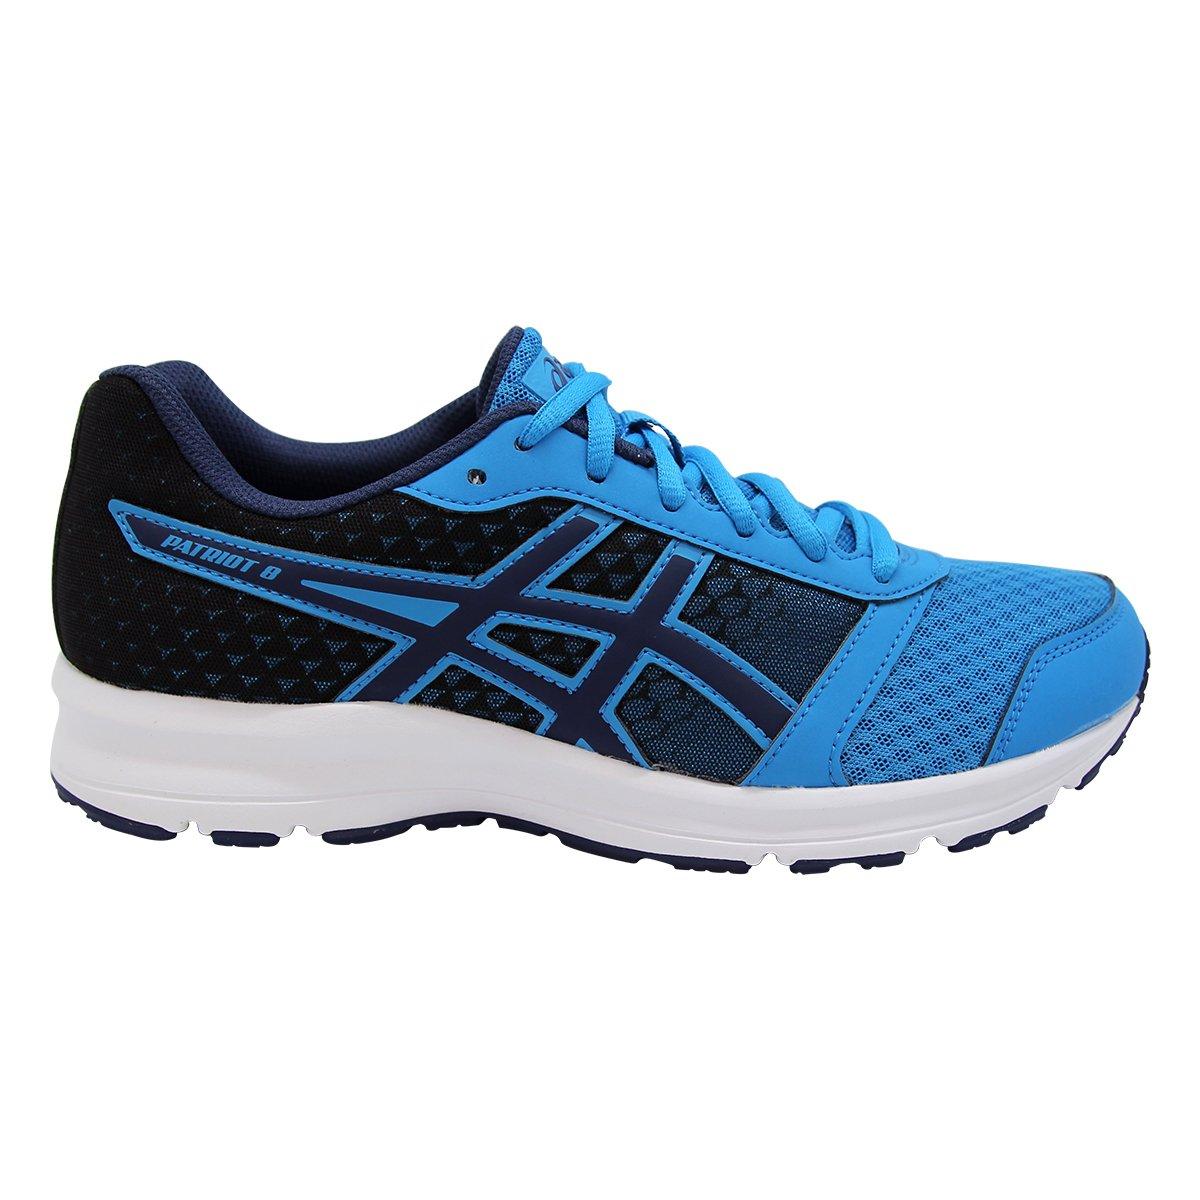 Asics Patriot 8, Zapatillas de Running Hombre 42 EU|Negros-azul